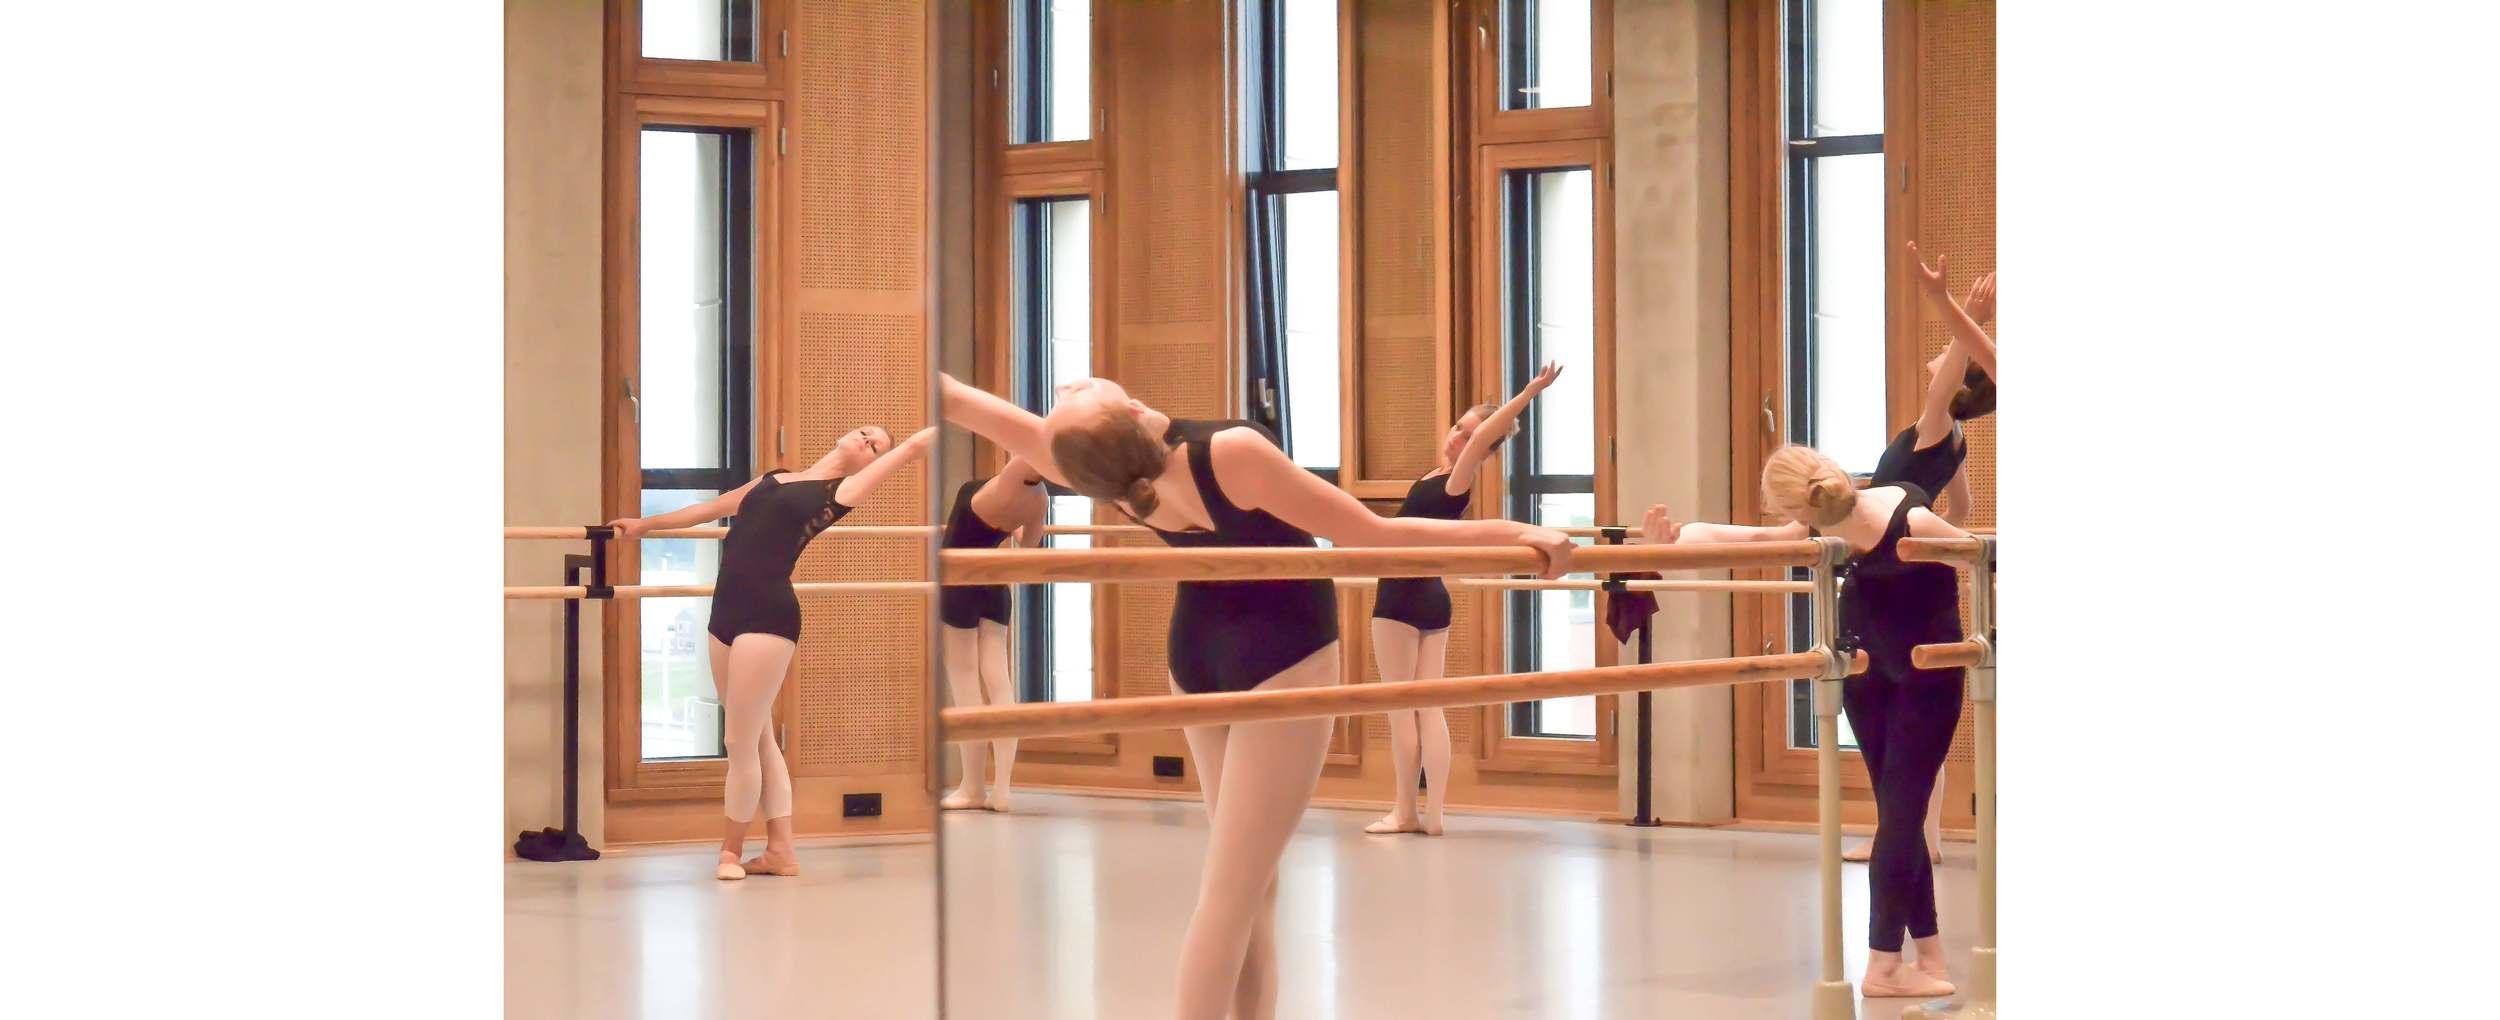 overzicht ballet1 (1).jpg